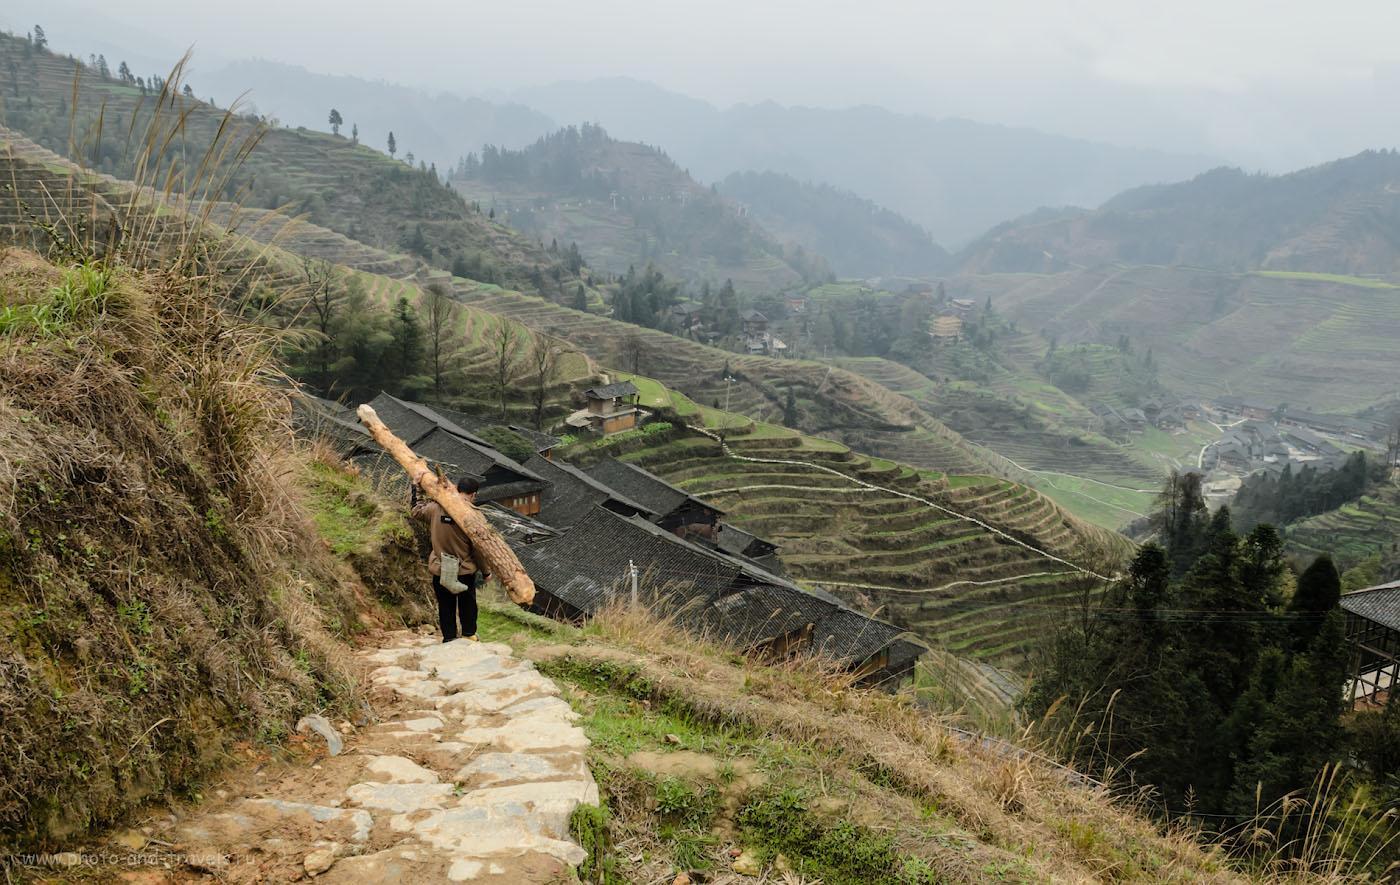 Фото 2. Китайский Ленин на субботнике в горах у деревни Дажай. Отзывы об отдыхе в Китае самостоятельно. Рисовые террасы.